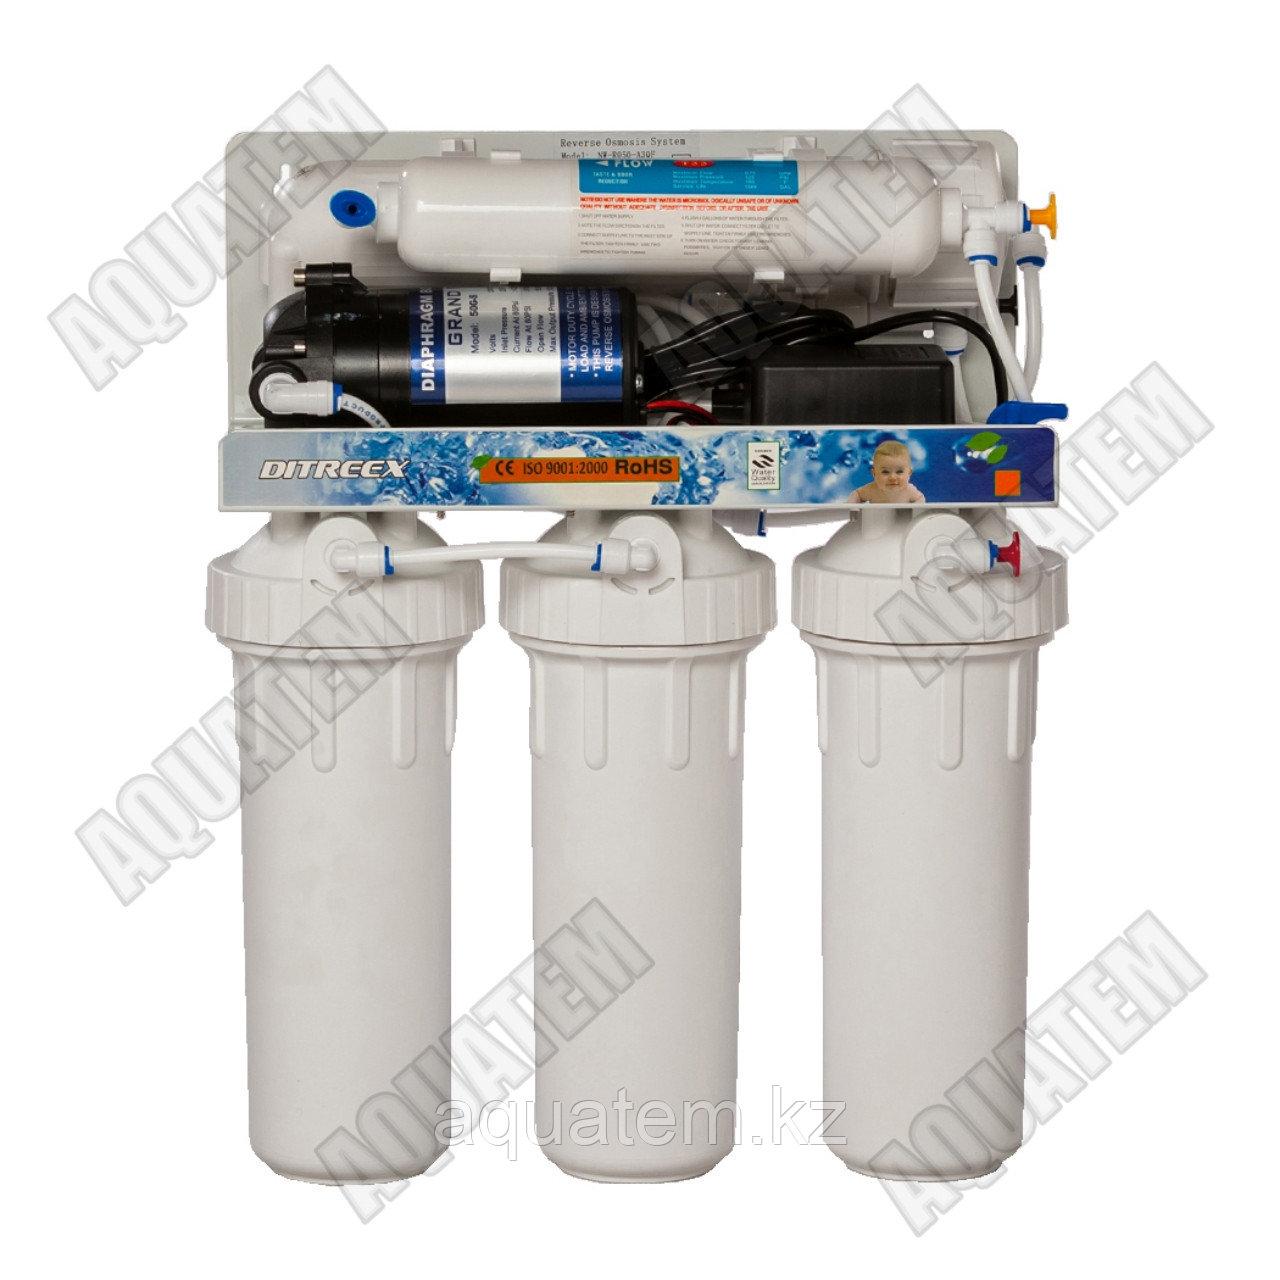 Фильтр обратного осмоса DITREEX RO50A3QF